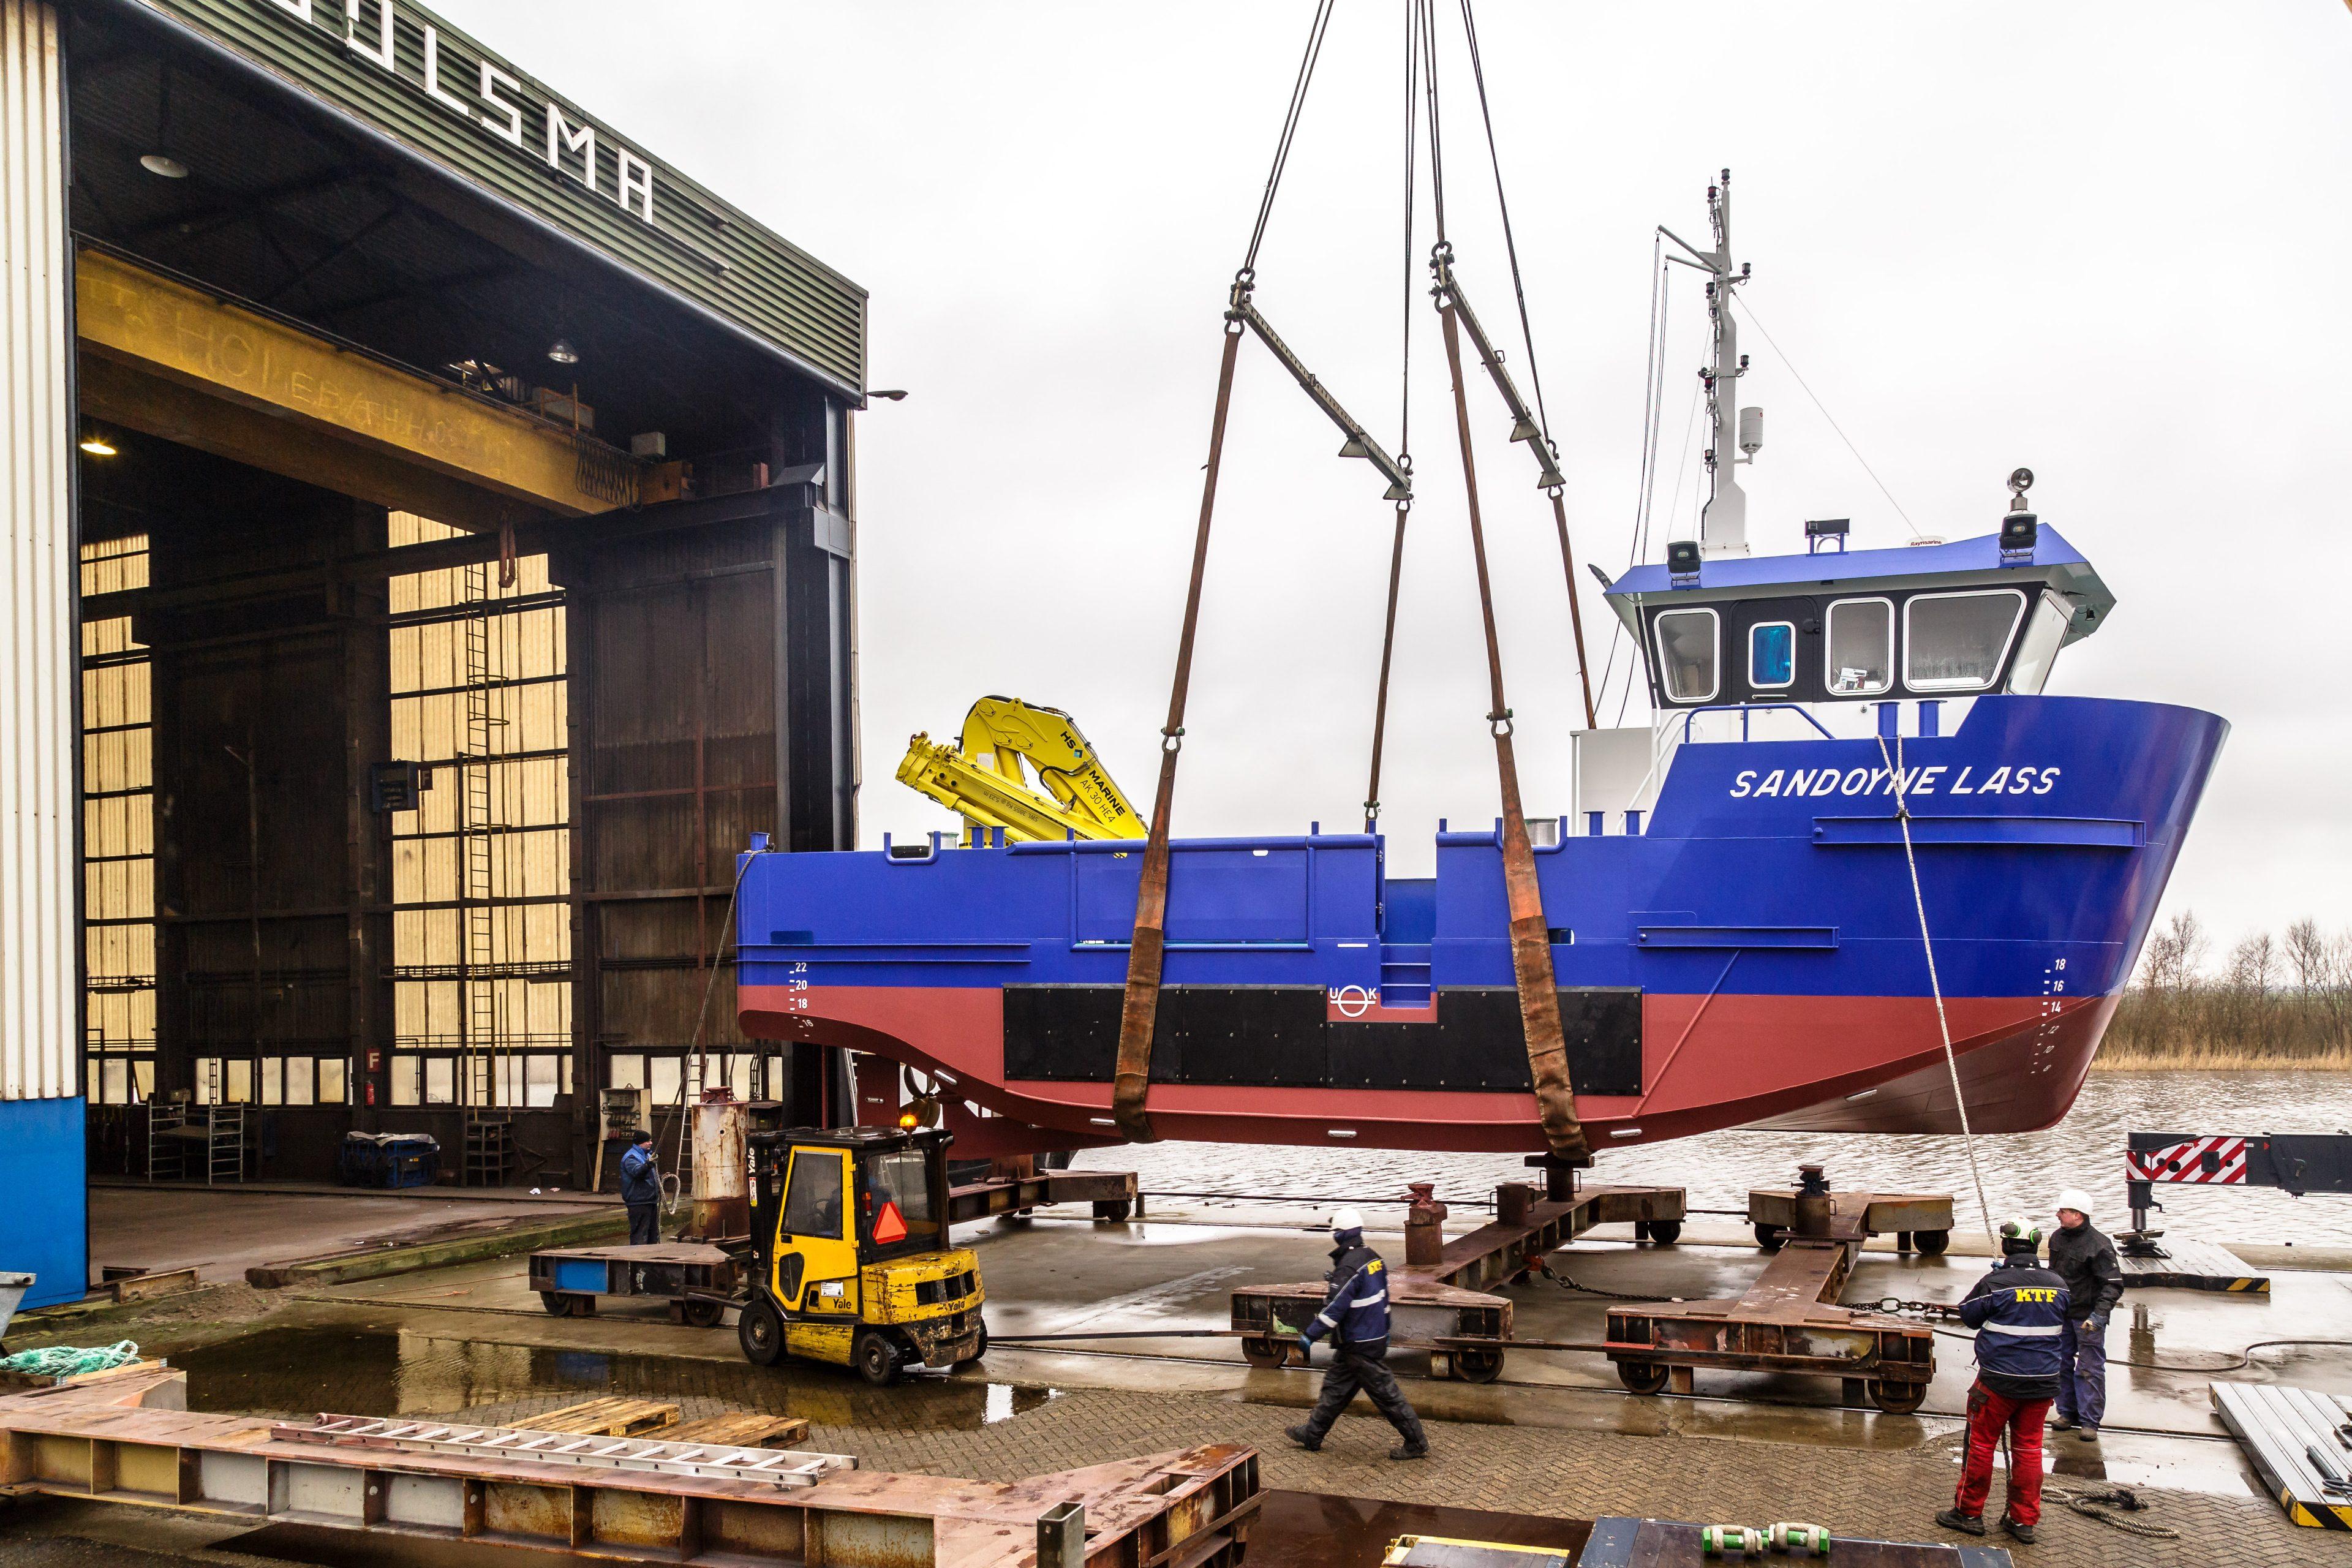 Het schip de Sandoyne Lass aan een kraan